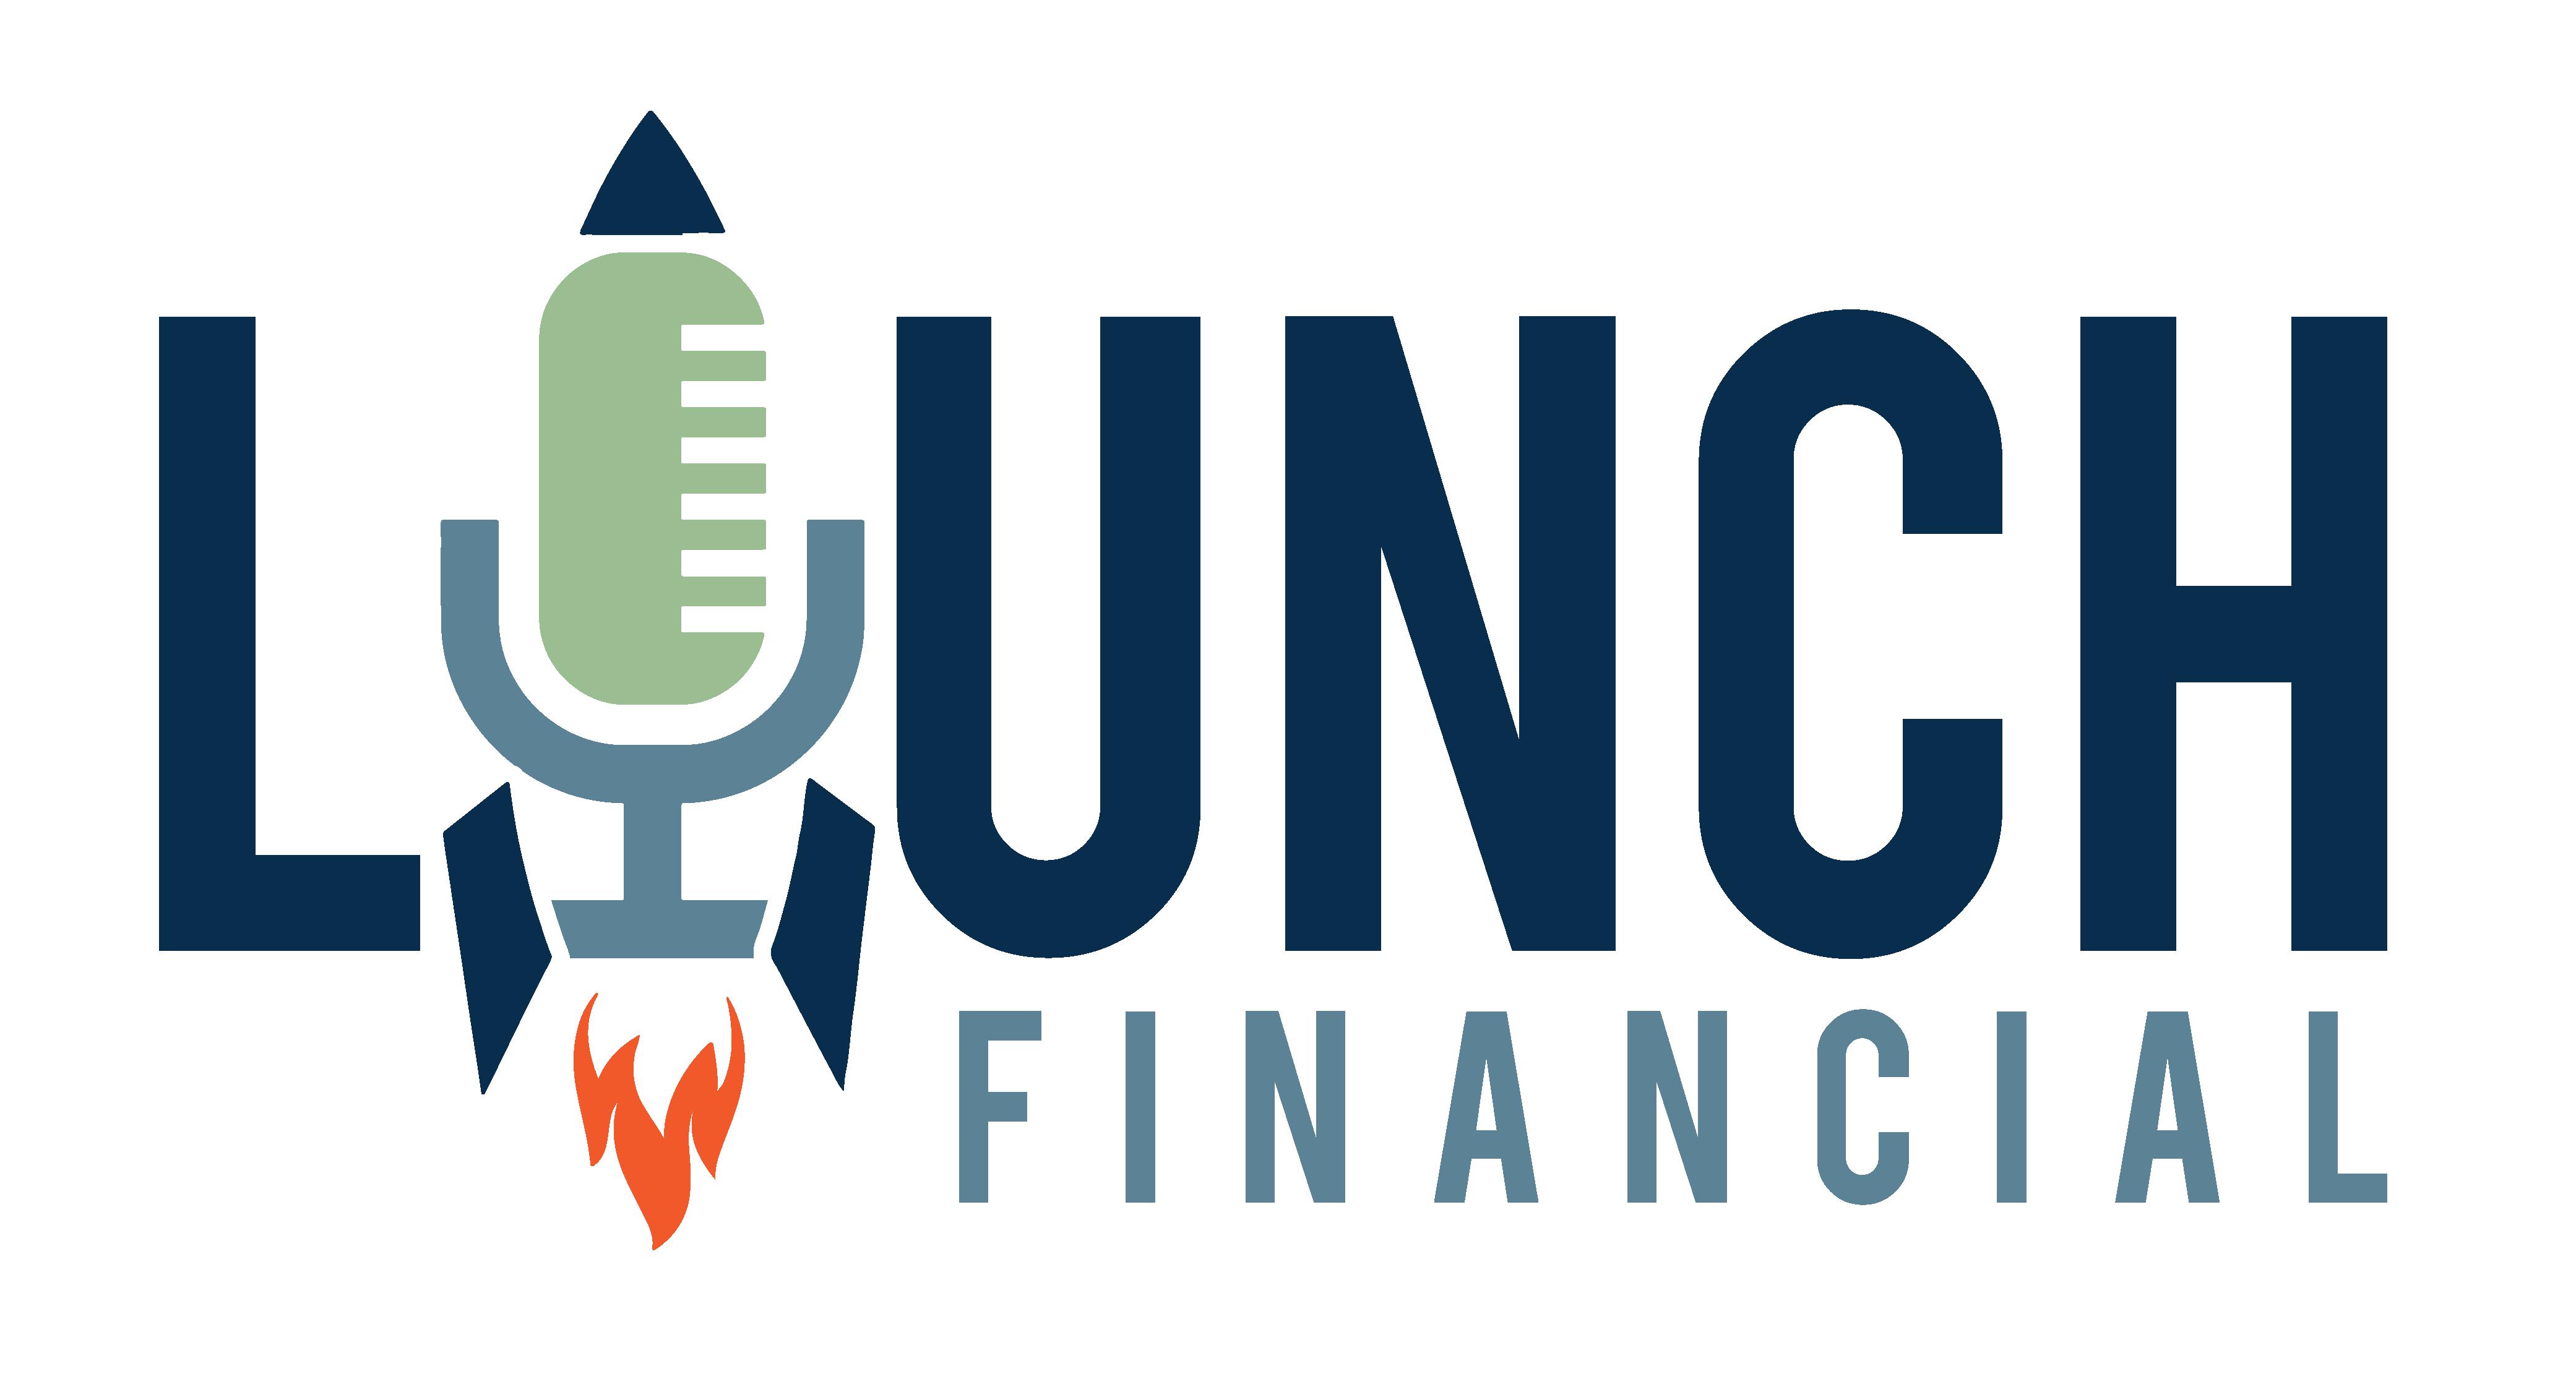 Launch Financial show art